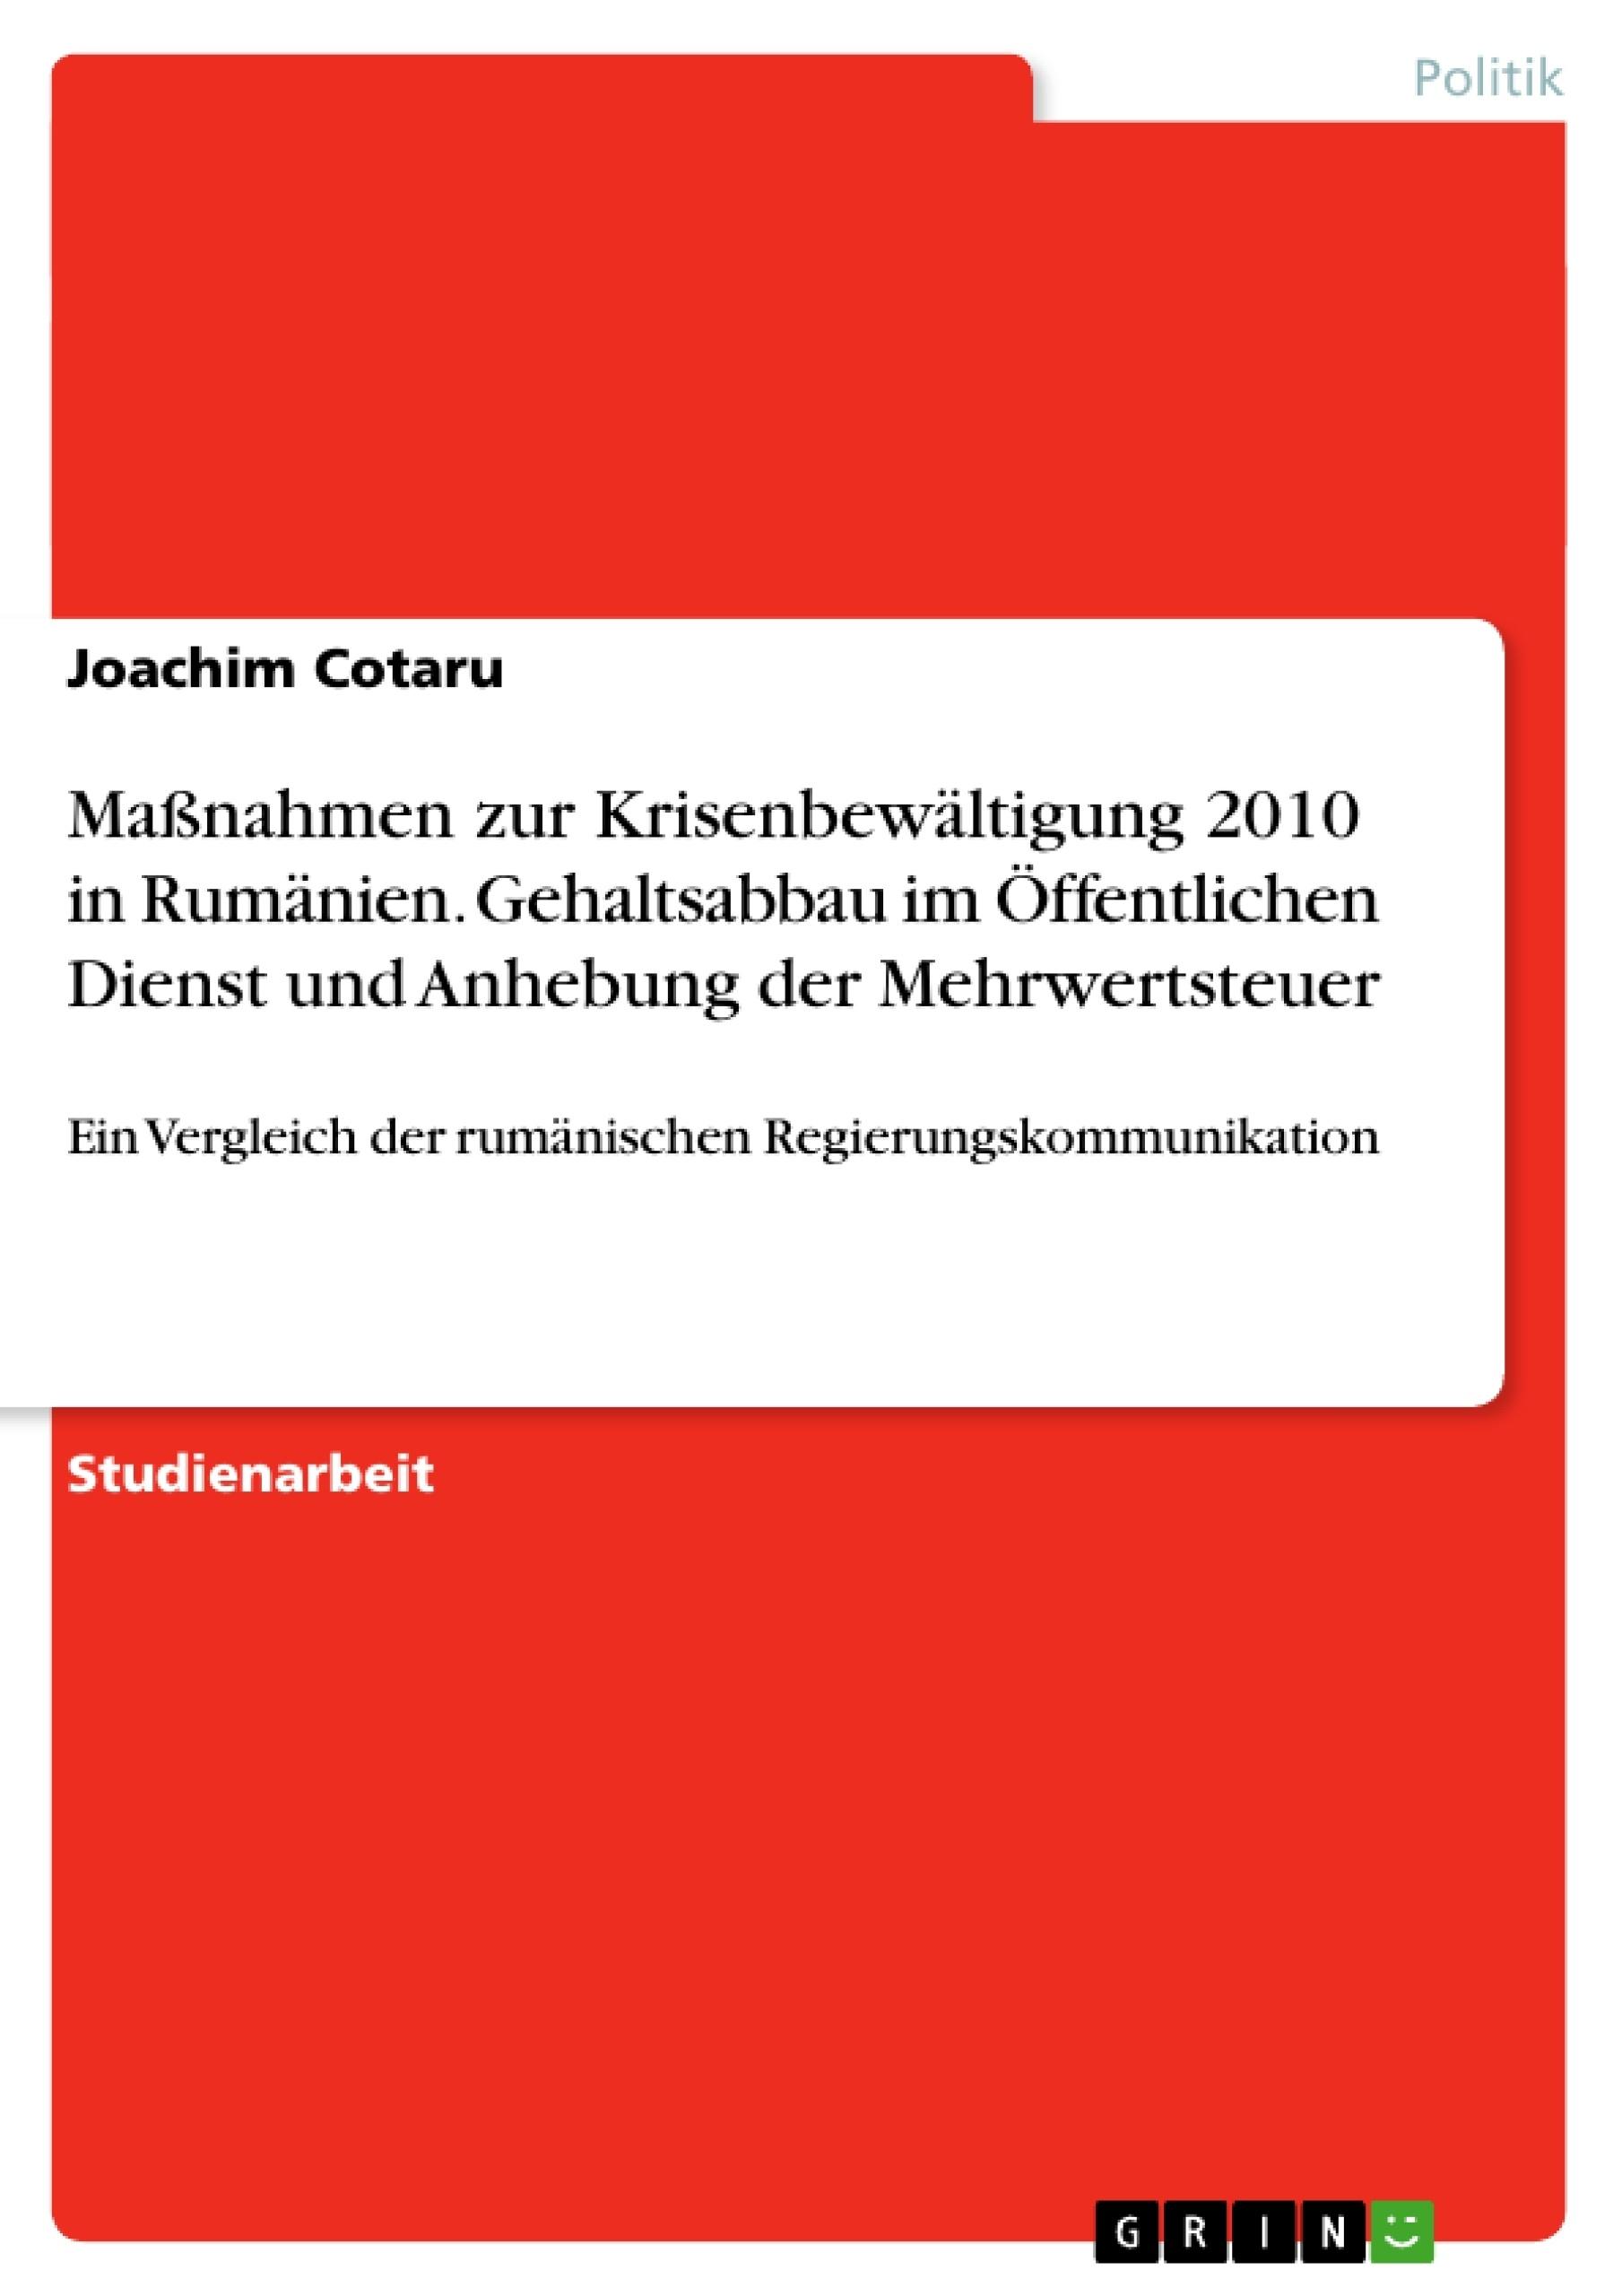 Titel: Maßnahmen zur Krisenbewältigung 2010 in Rumänien. Gehaltsabbau im Öffentlichen Dienst und Anhebung der Mehrwertsteuer